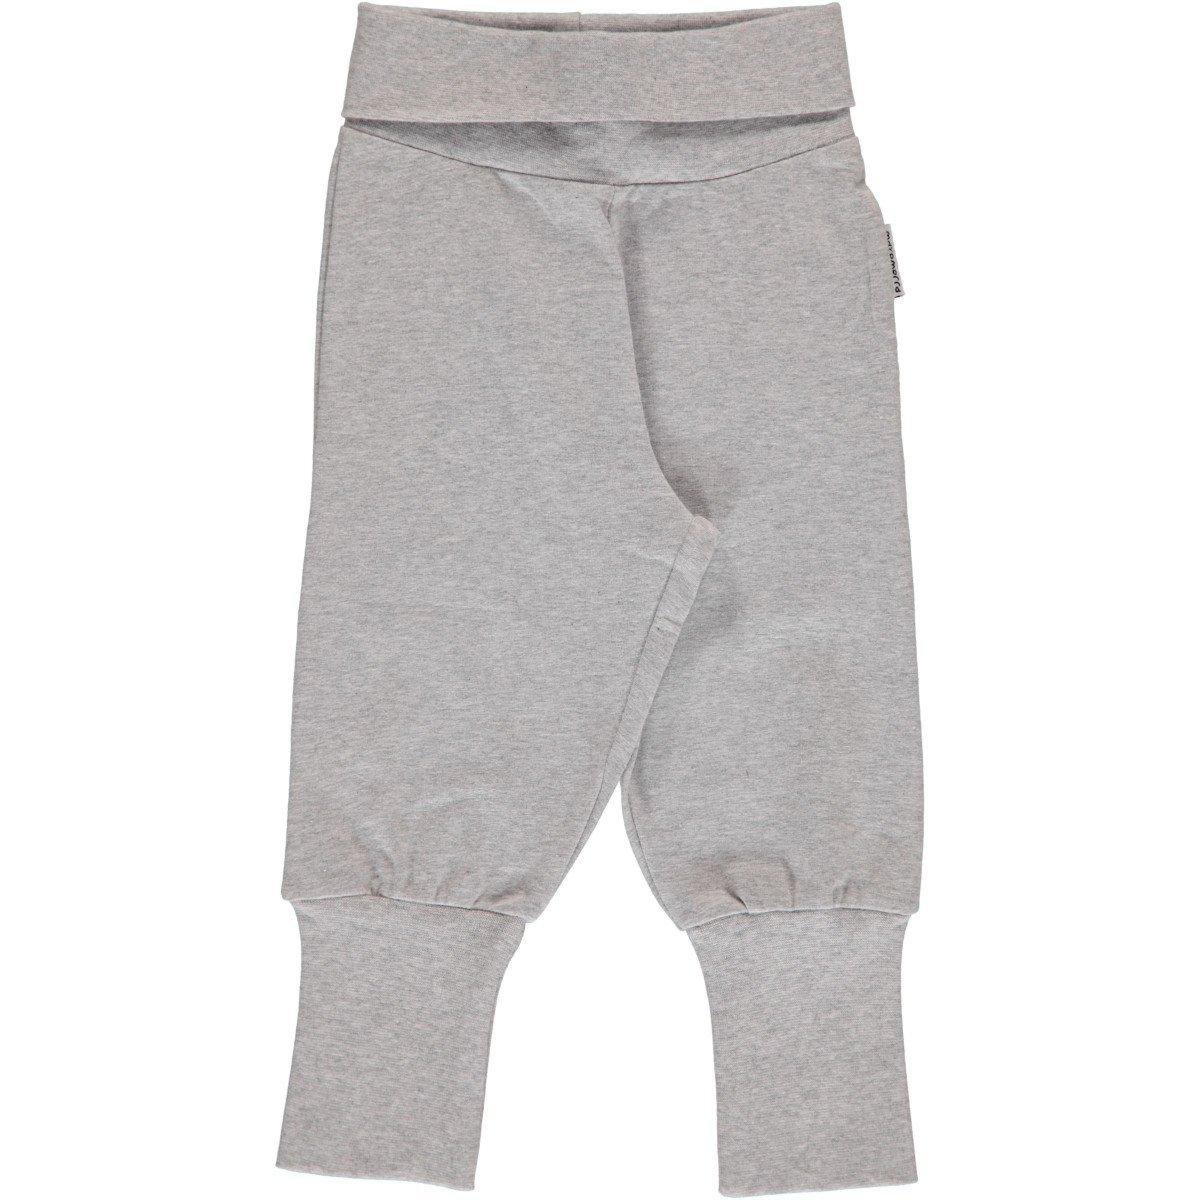 Pantalone Baby Grigio con polsini in cotone biologico